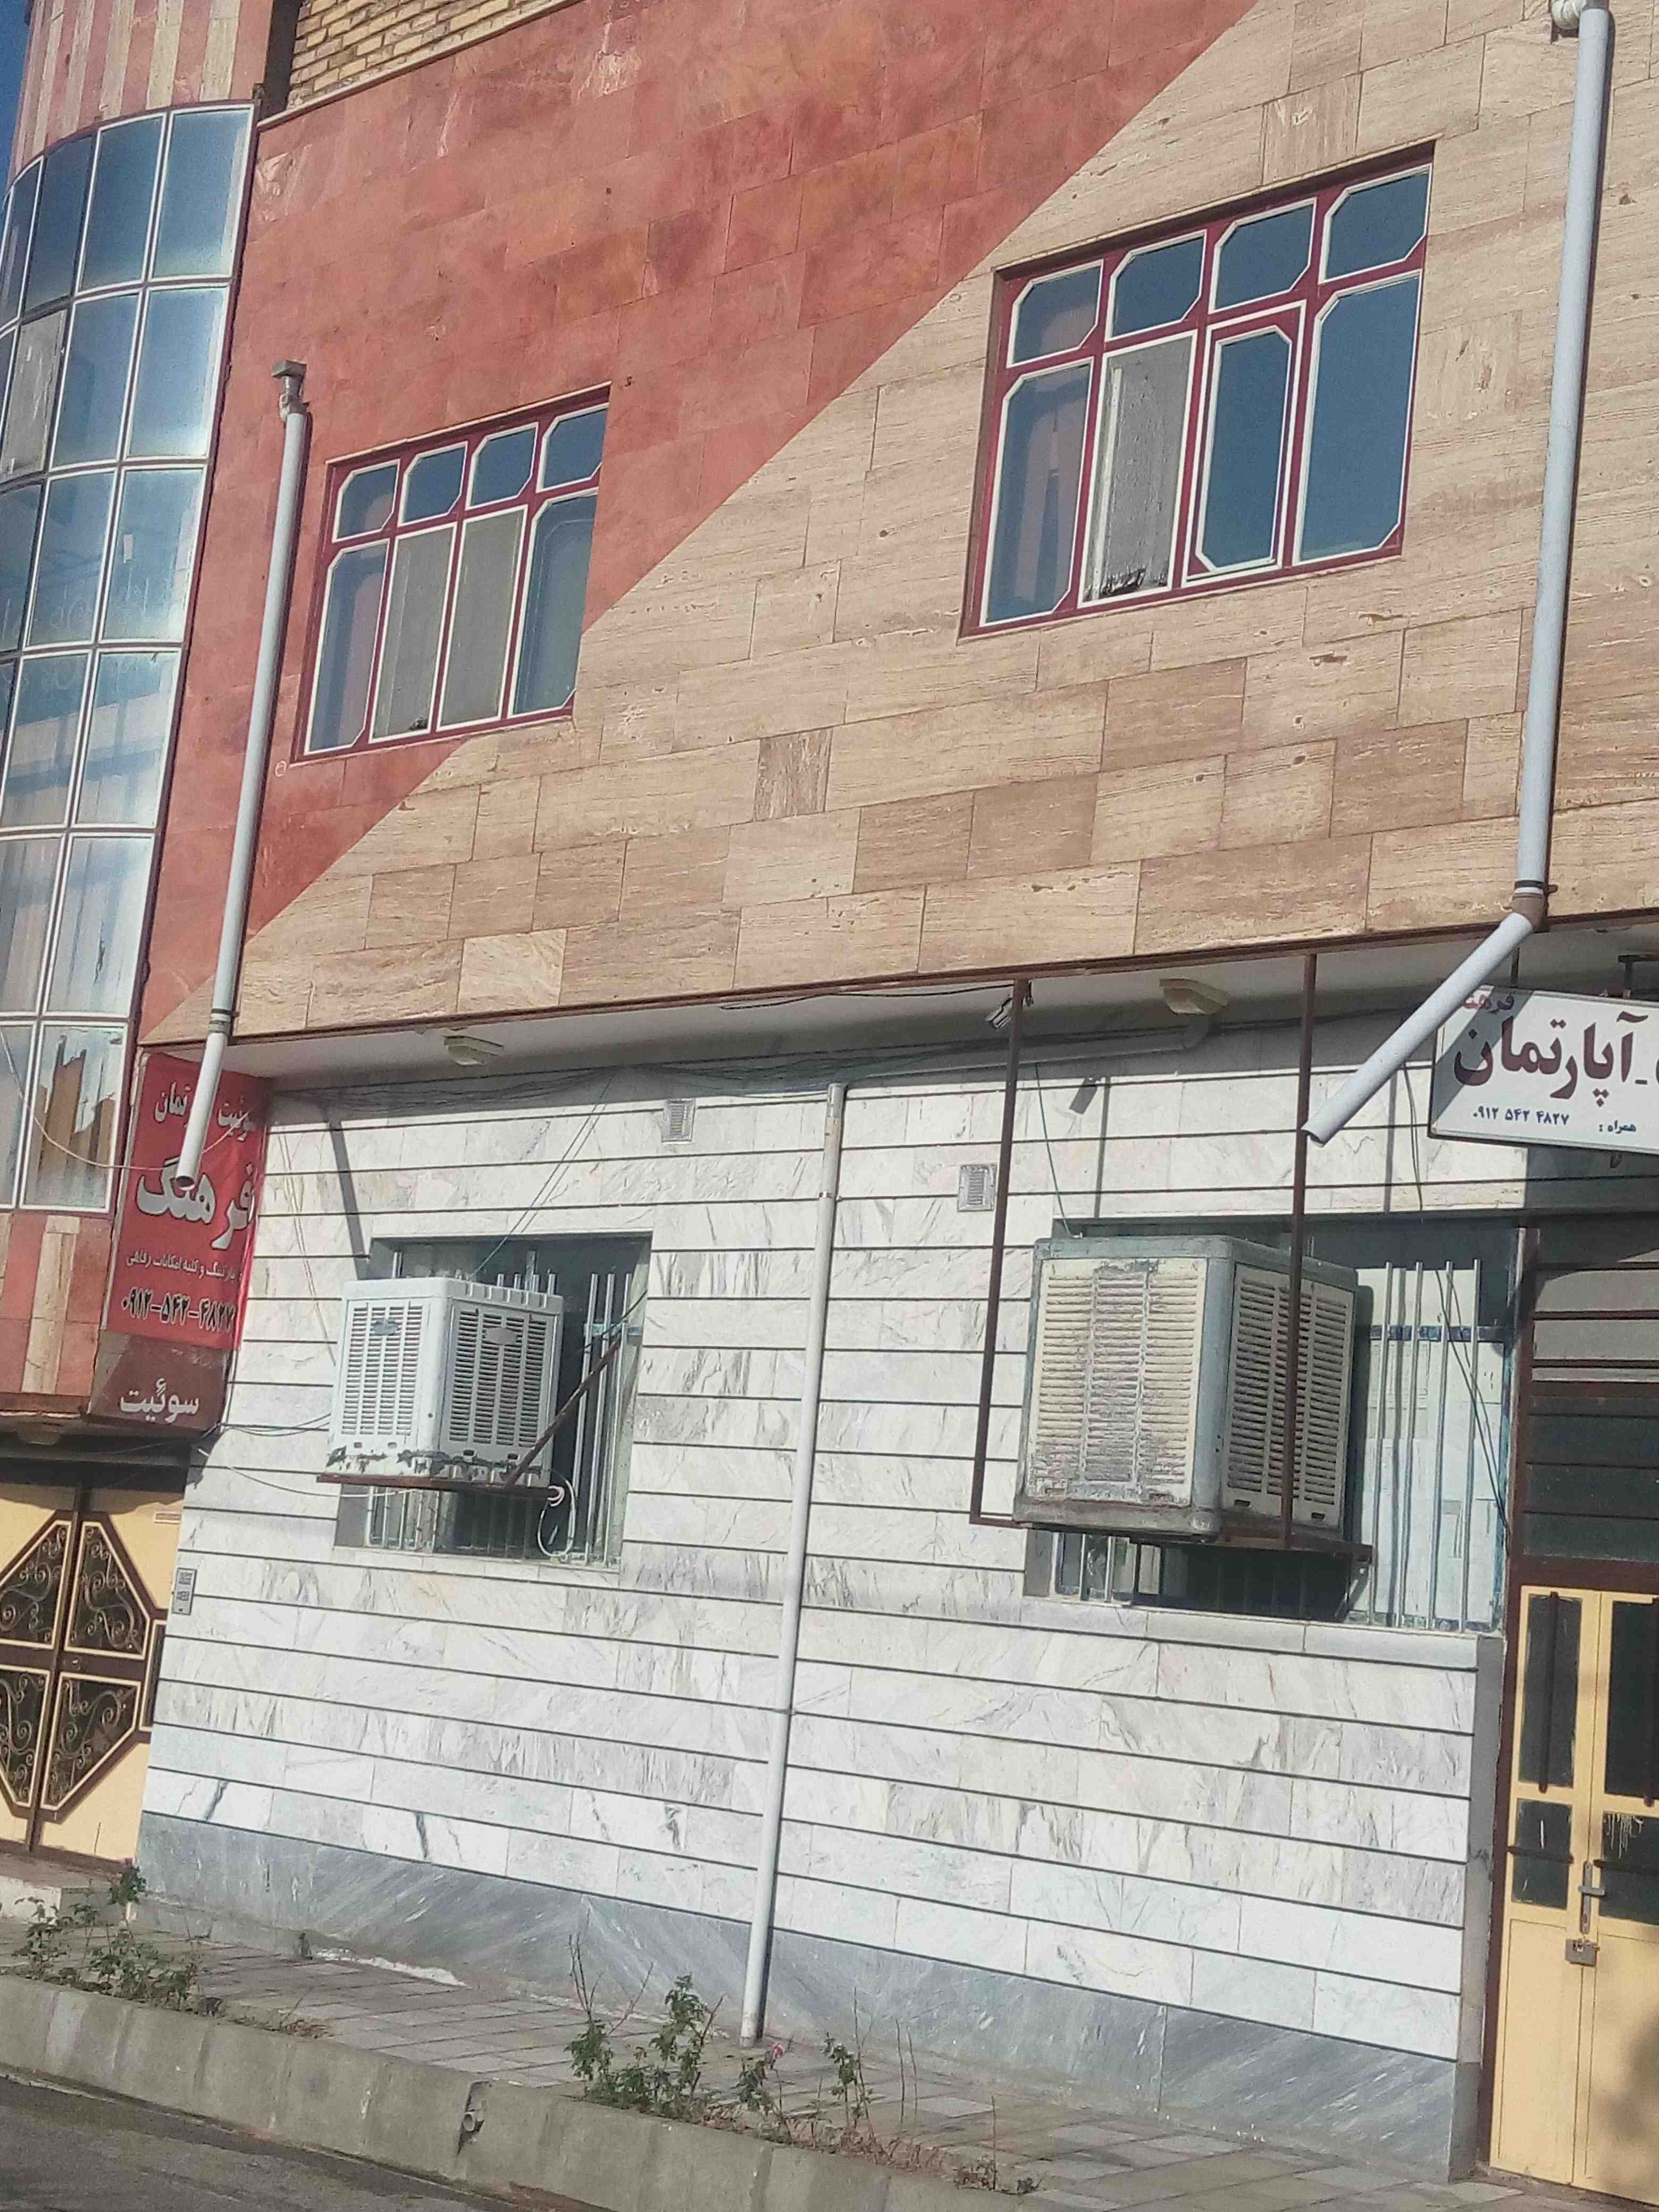 شهری آپارتمان مبله دربست در گرماب زنجان